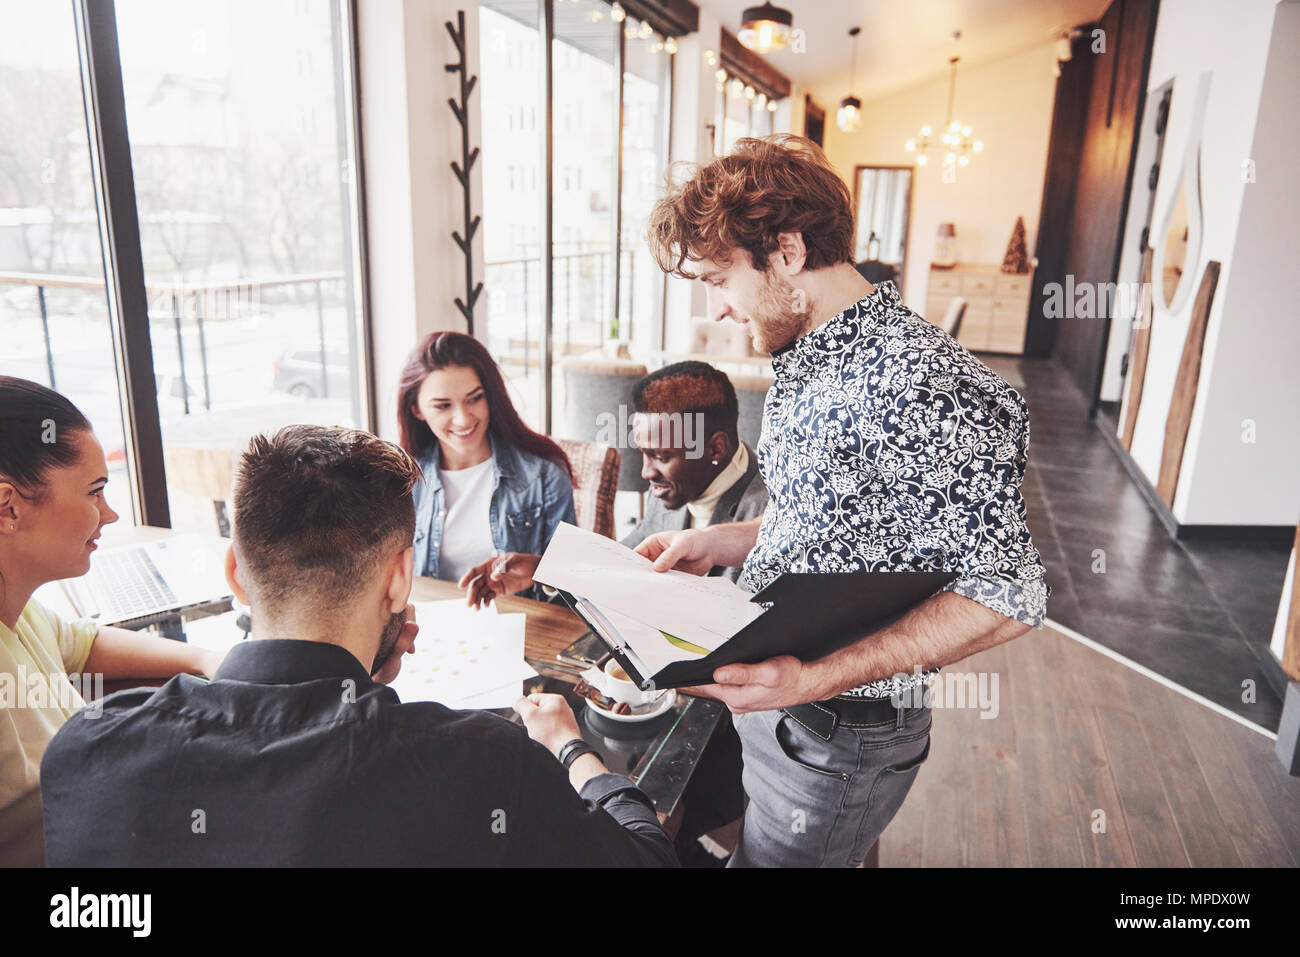 Trabajo en equipo Diversidad inicio sesión de intercambio de ideas de concepto. Equipo empresarial compañeros compartir Economía Mundial Informe Documento Portátil.Las personas que trabajan la planificación Arranca.grupo de jóvenes Hipsters discutiendo Cafe Imagen De Stock